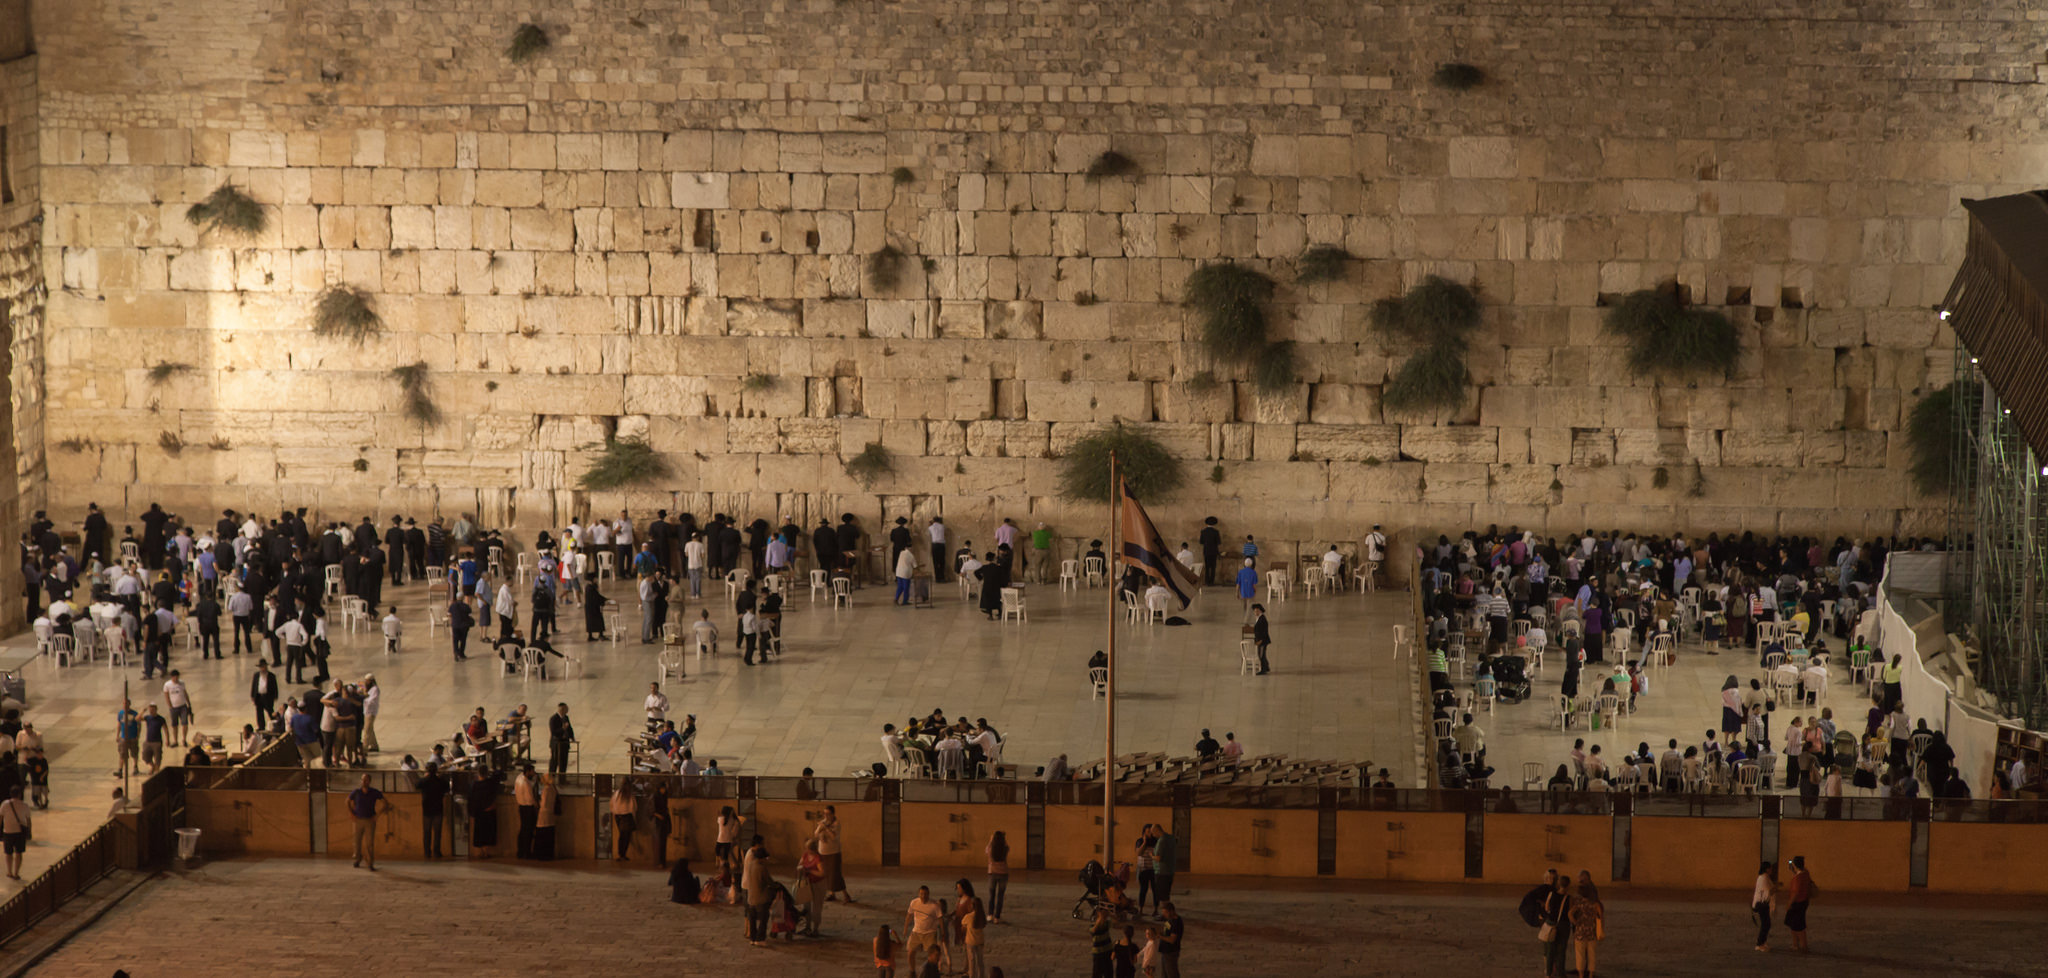 Вид стены Плача, Иерусалим